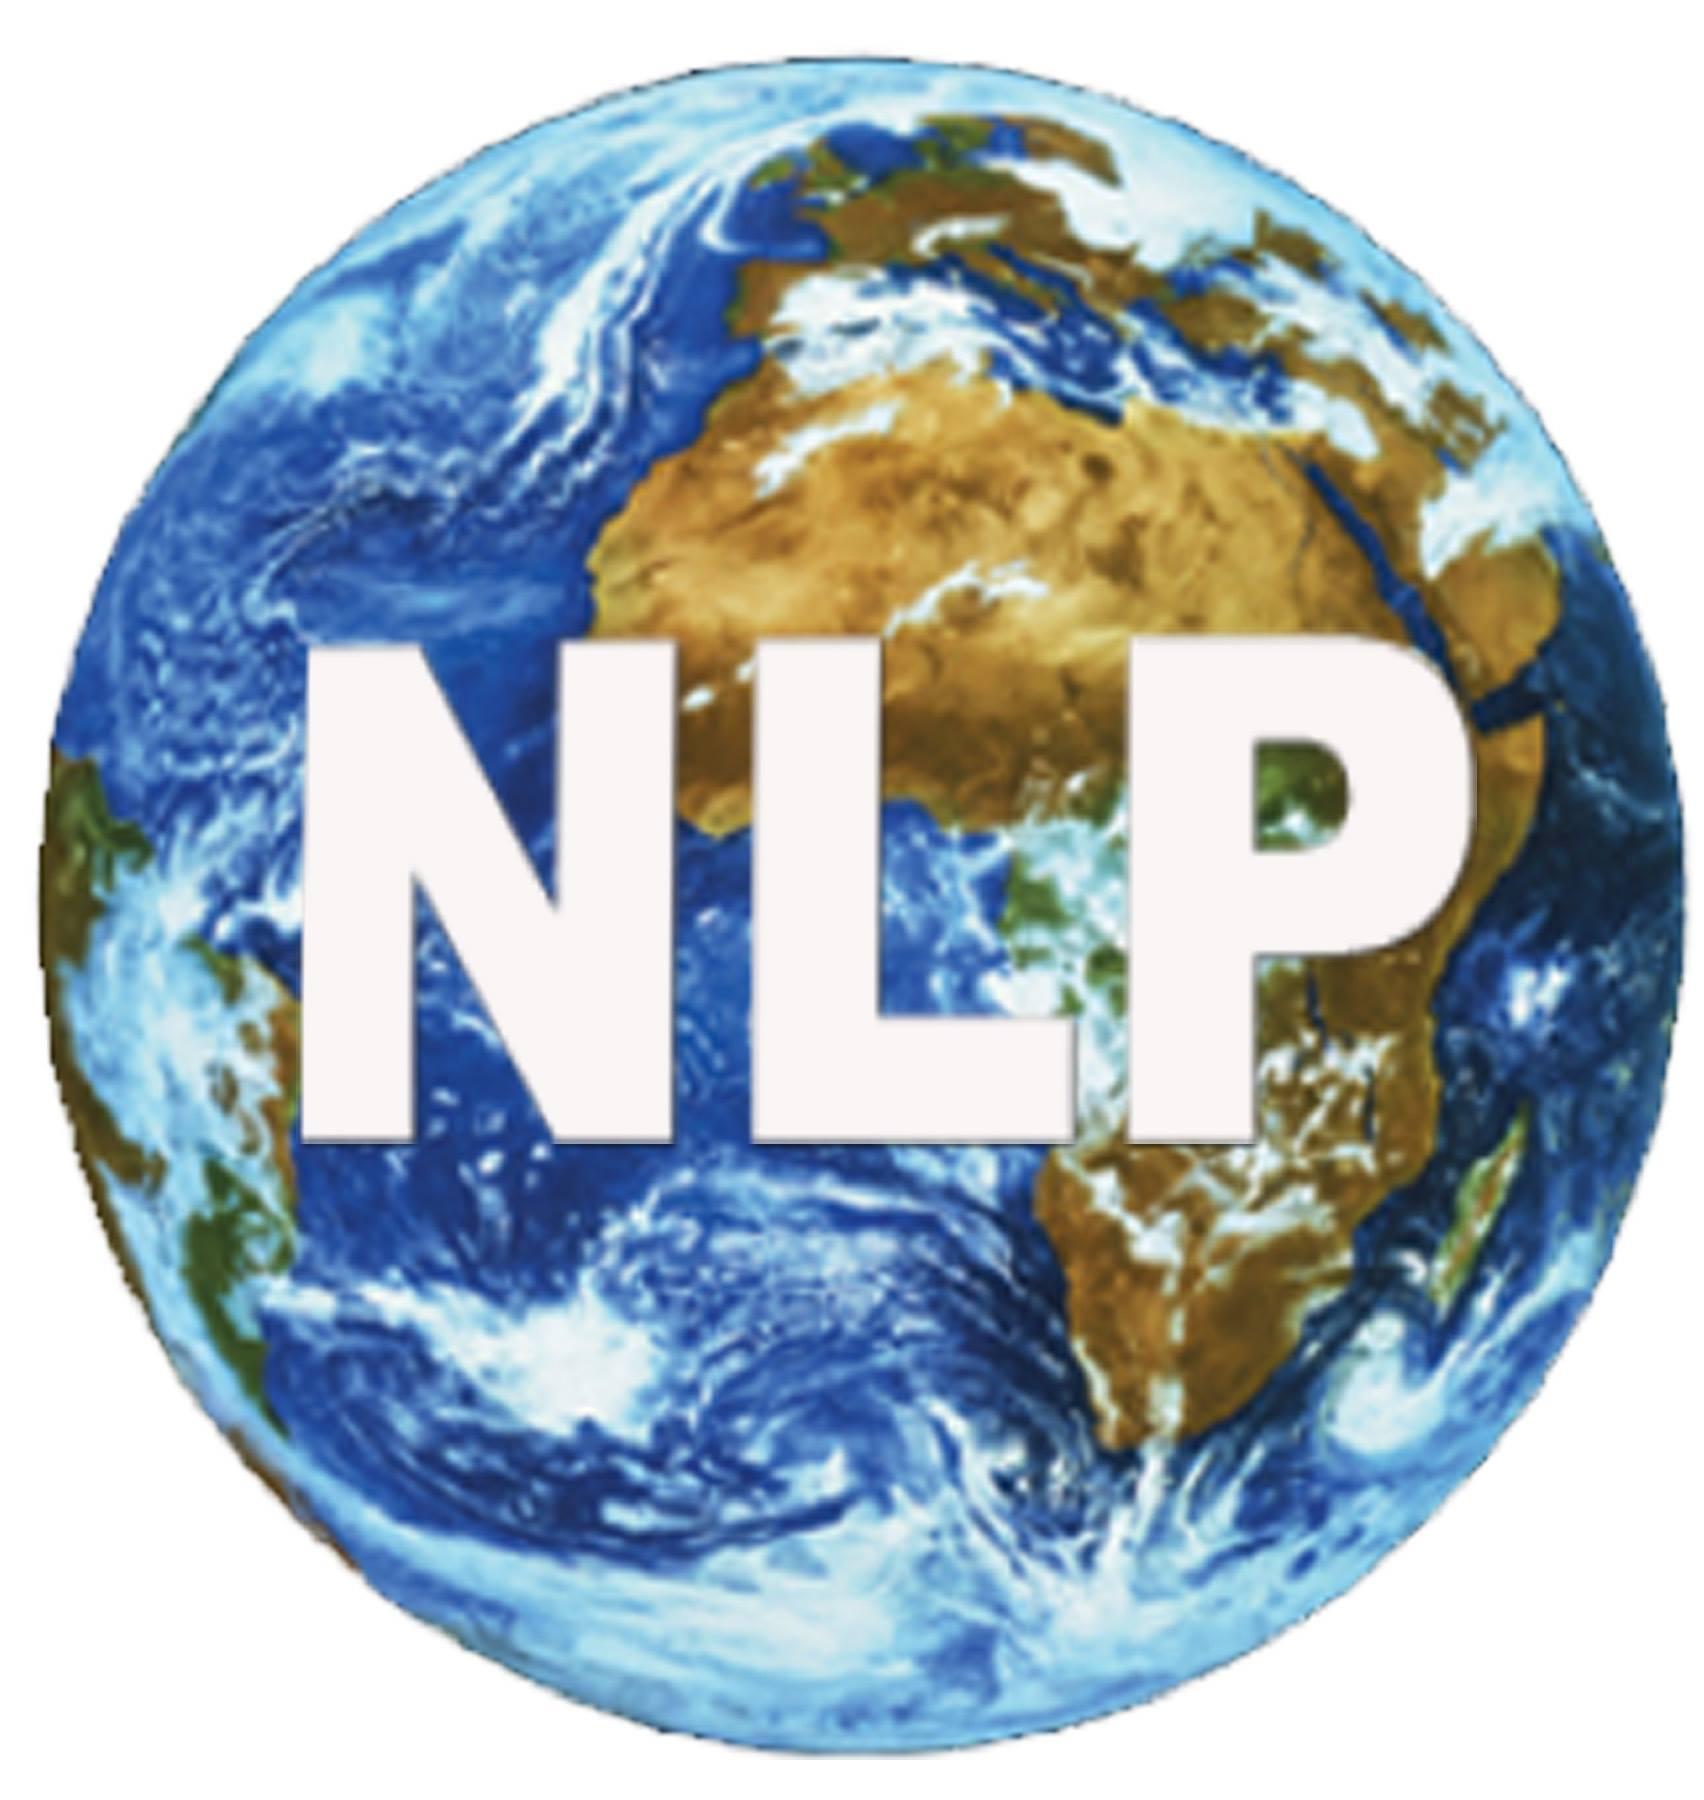 דמיון מודרך nlp, שיטת NLP,NLP ודמיון מודרך,NLP טיפול,NLP MASTER,,אהובה קשת,NLP מה זה,תת מודע,